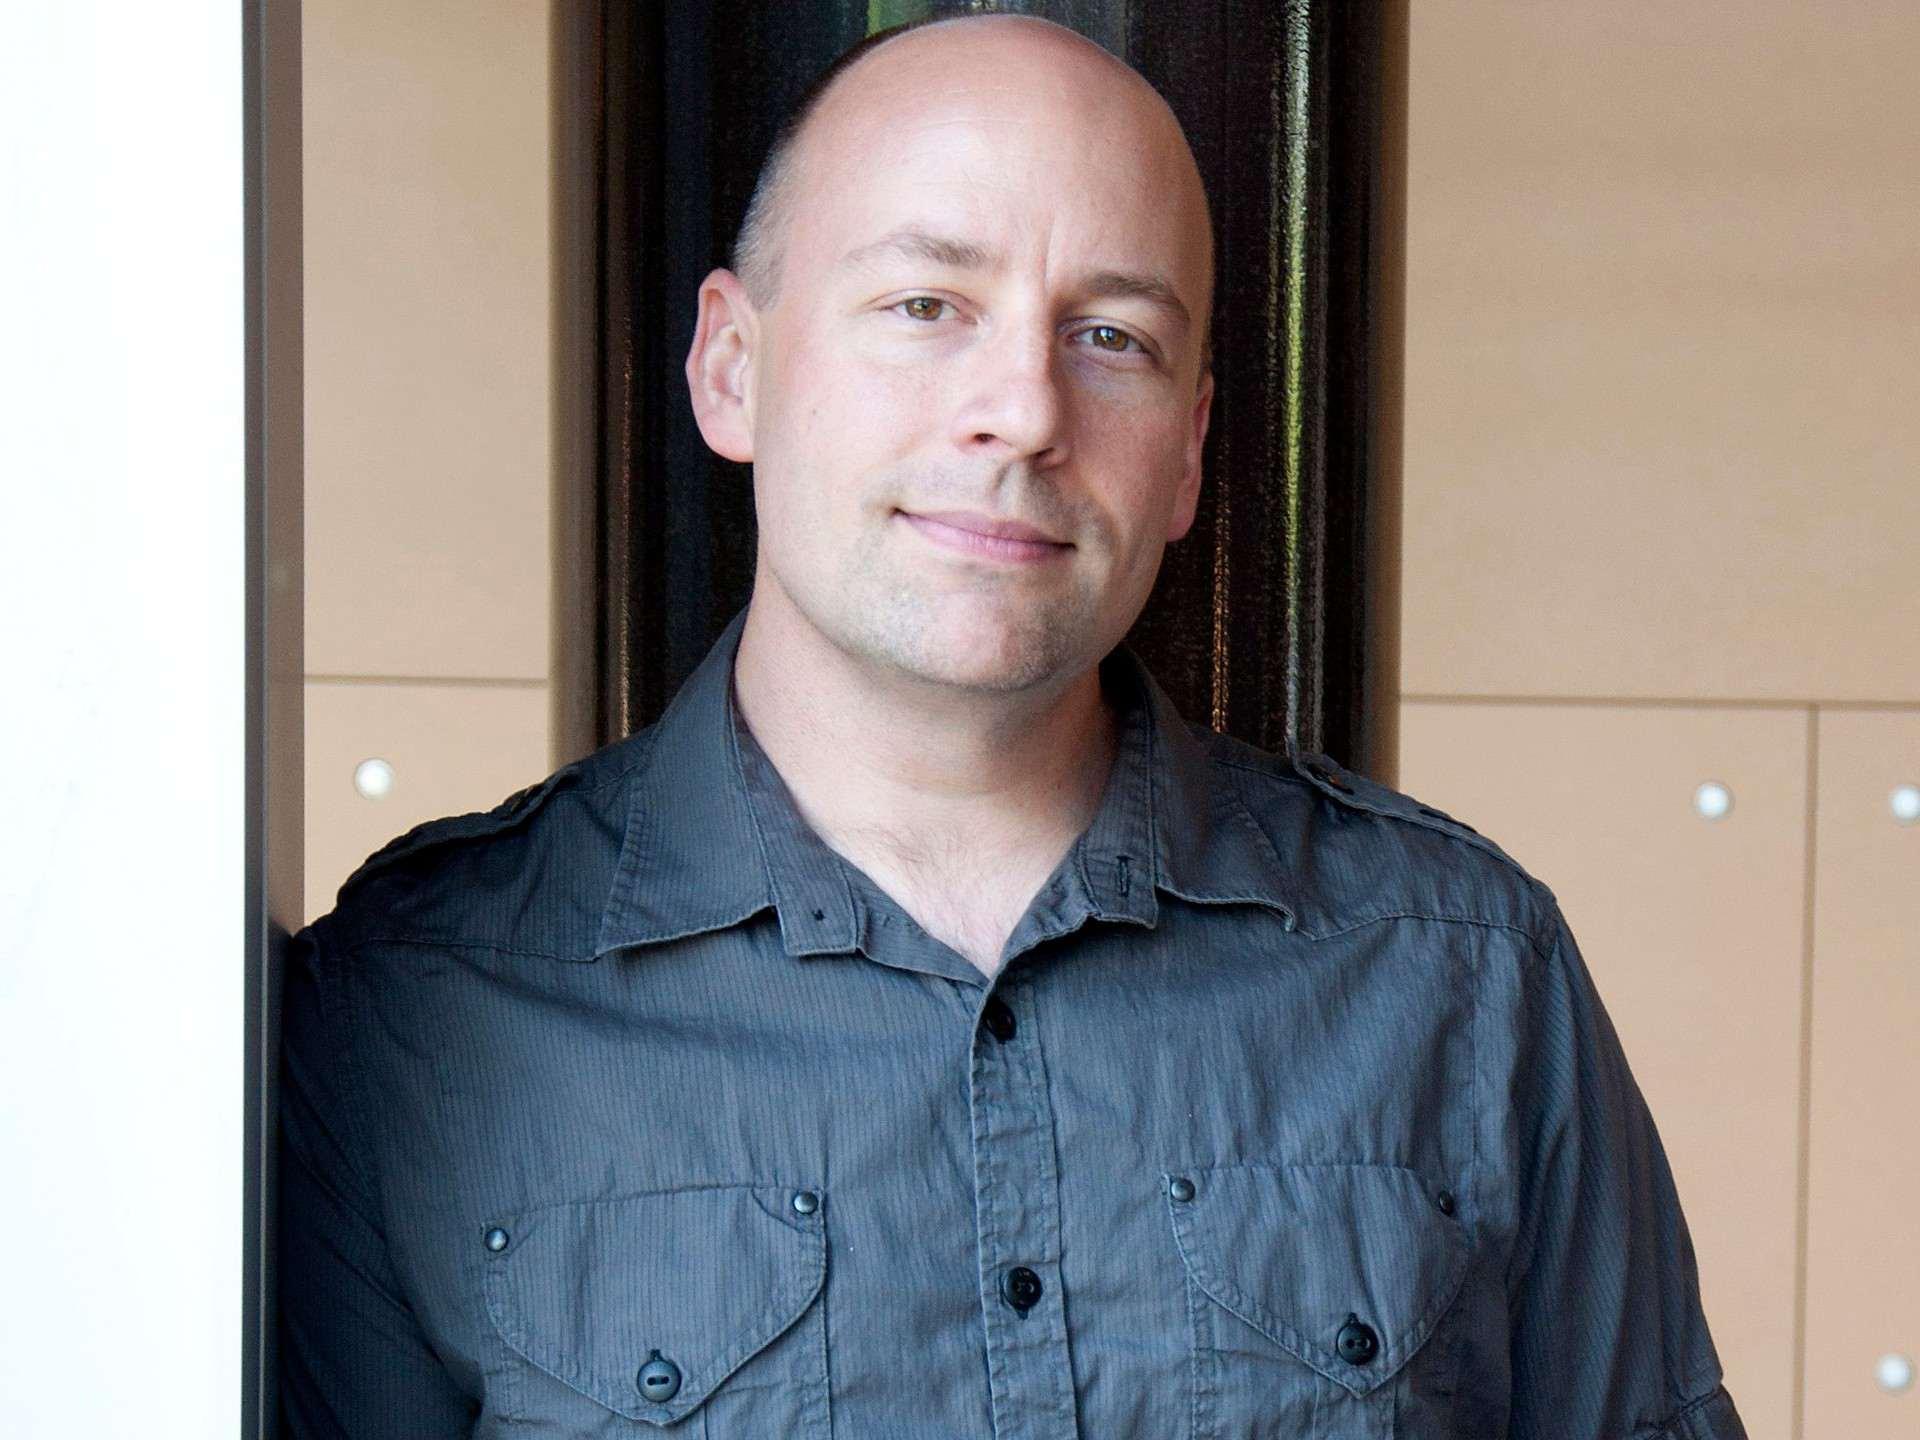 Mike Capps, Presidente de Epic Games, dejá su cargo [Actualidad]